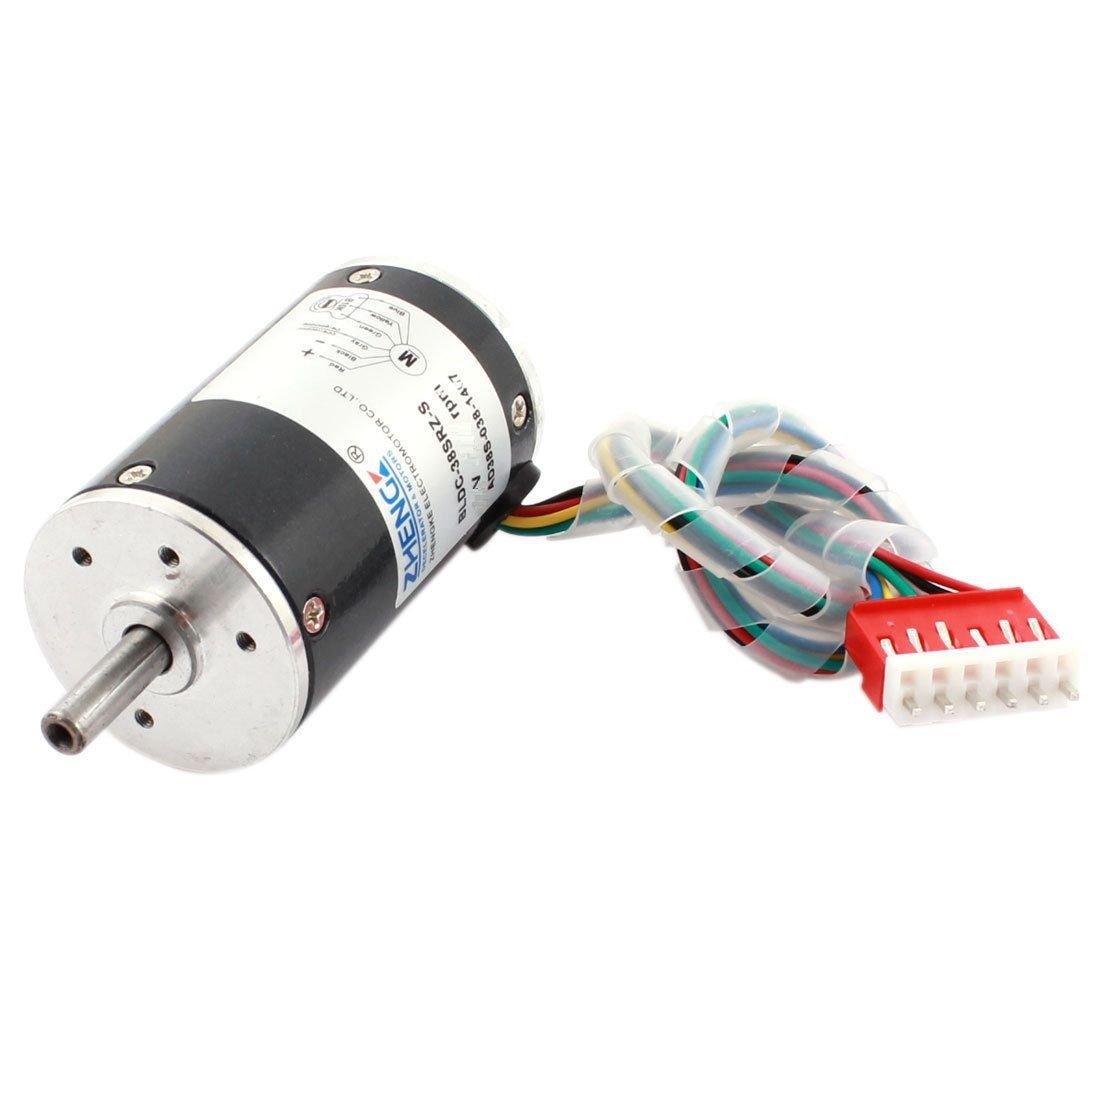 DC 24V 5000R 300G.cm 38mm Diameter Low Noise Adjustable Speed Brushless Motor